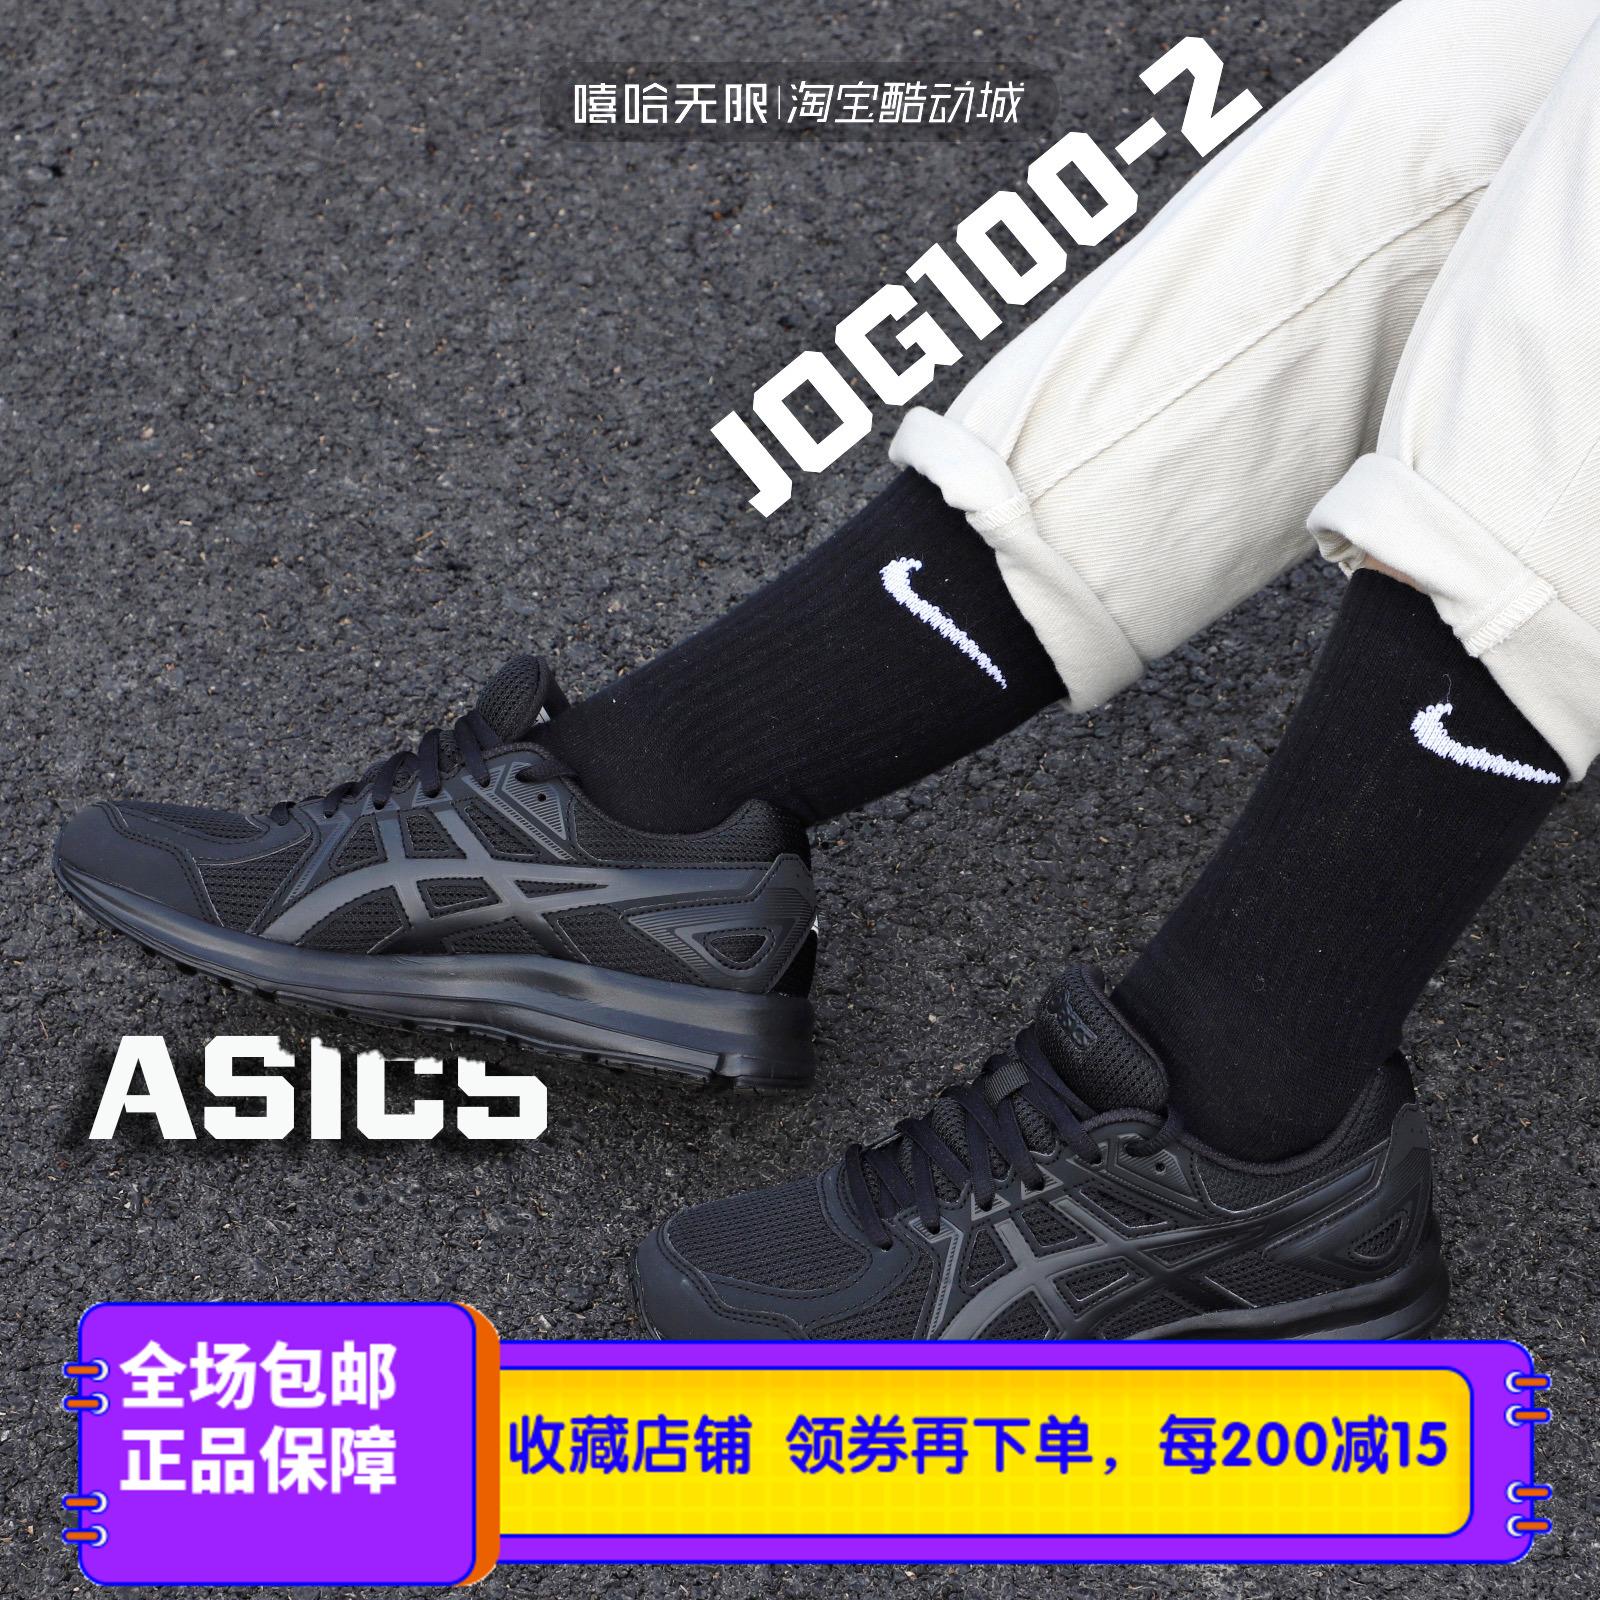 Asics亚瑟士JOG 100 2 黑武士男女跑步鞋休闲鞋情侣款TJG138-9090图片